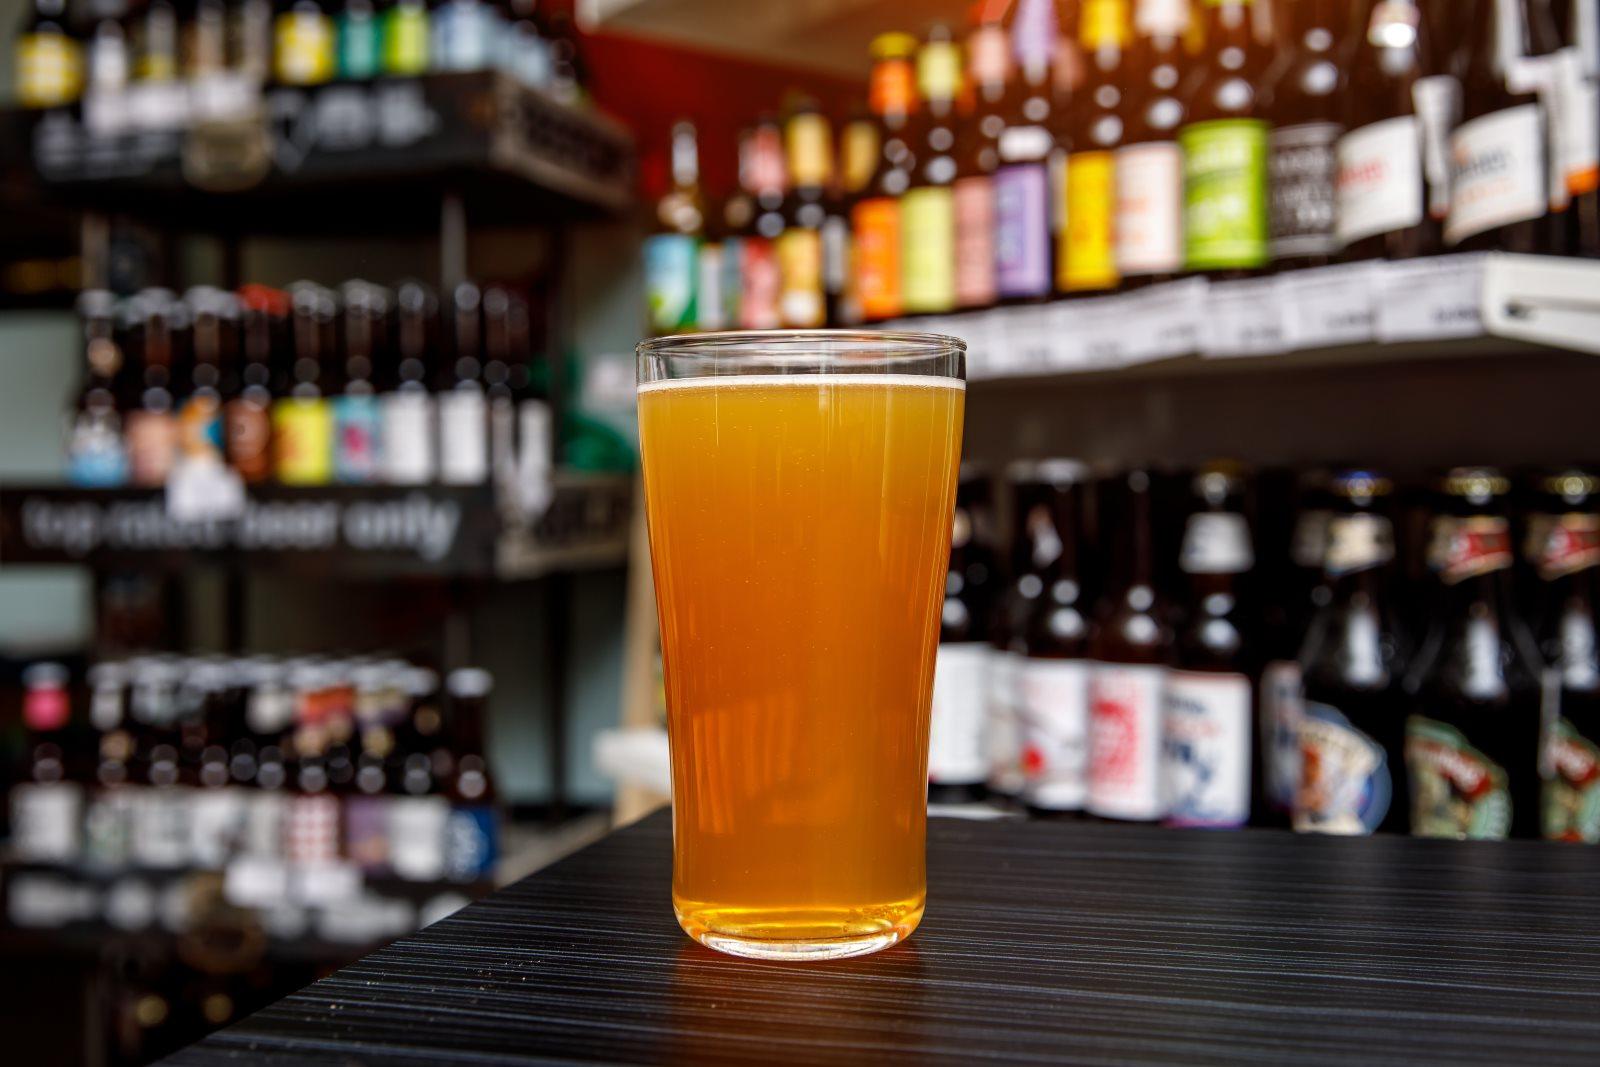 Gatunki piwa dla hipsterów: IPA, APA, ALE… Czym się różnią i o co chodzi?